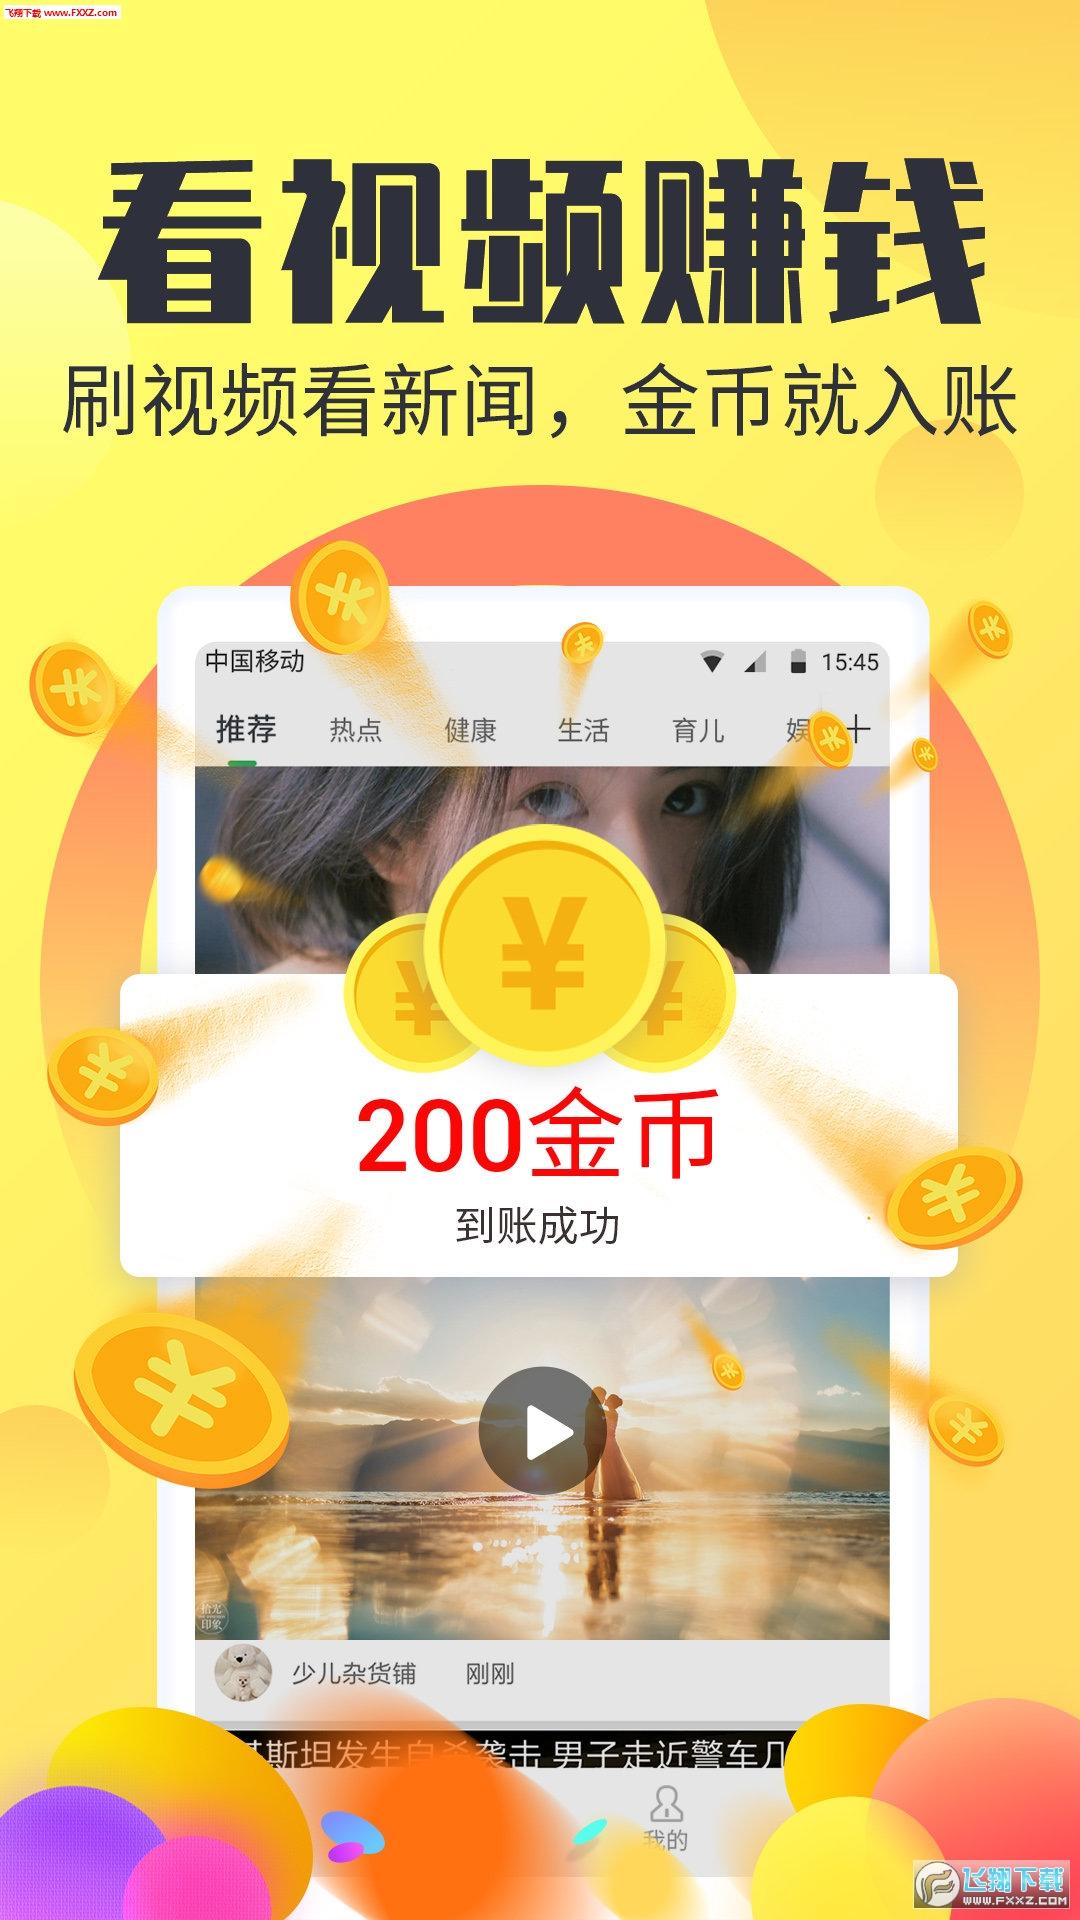 神速赚钱试玩赚钱app红包版1.0截图2